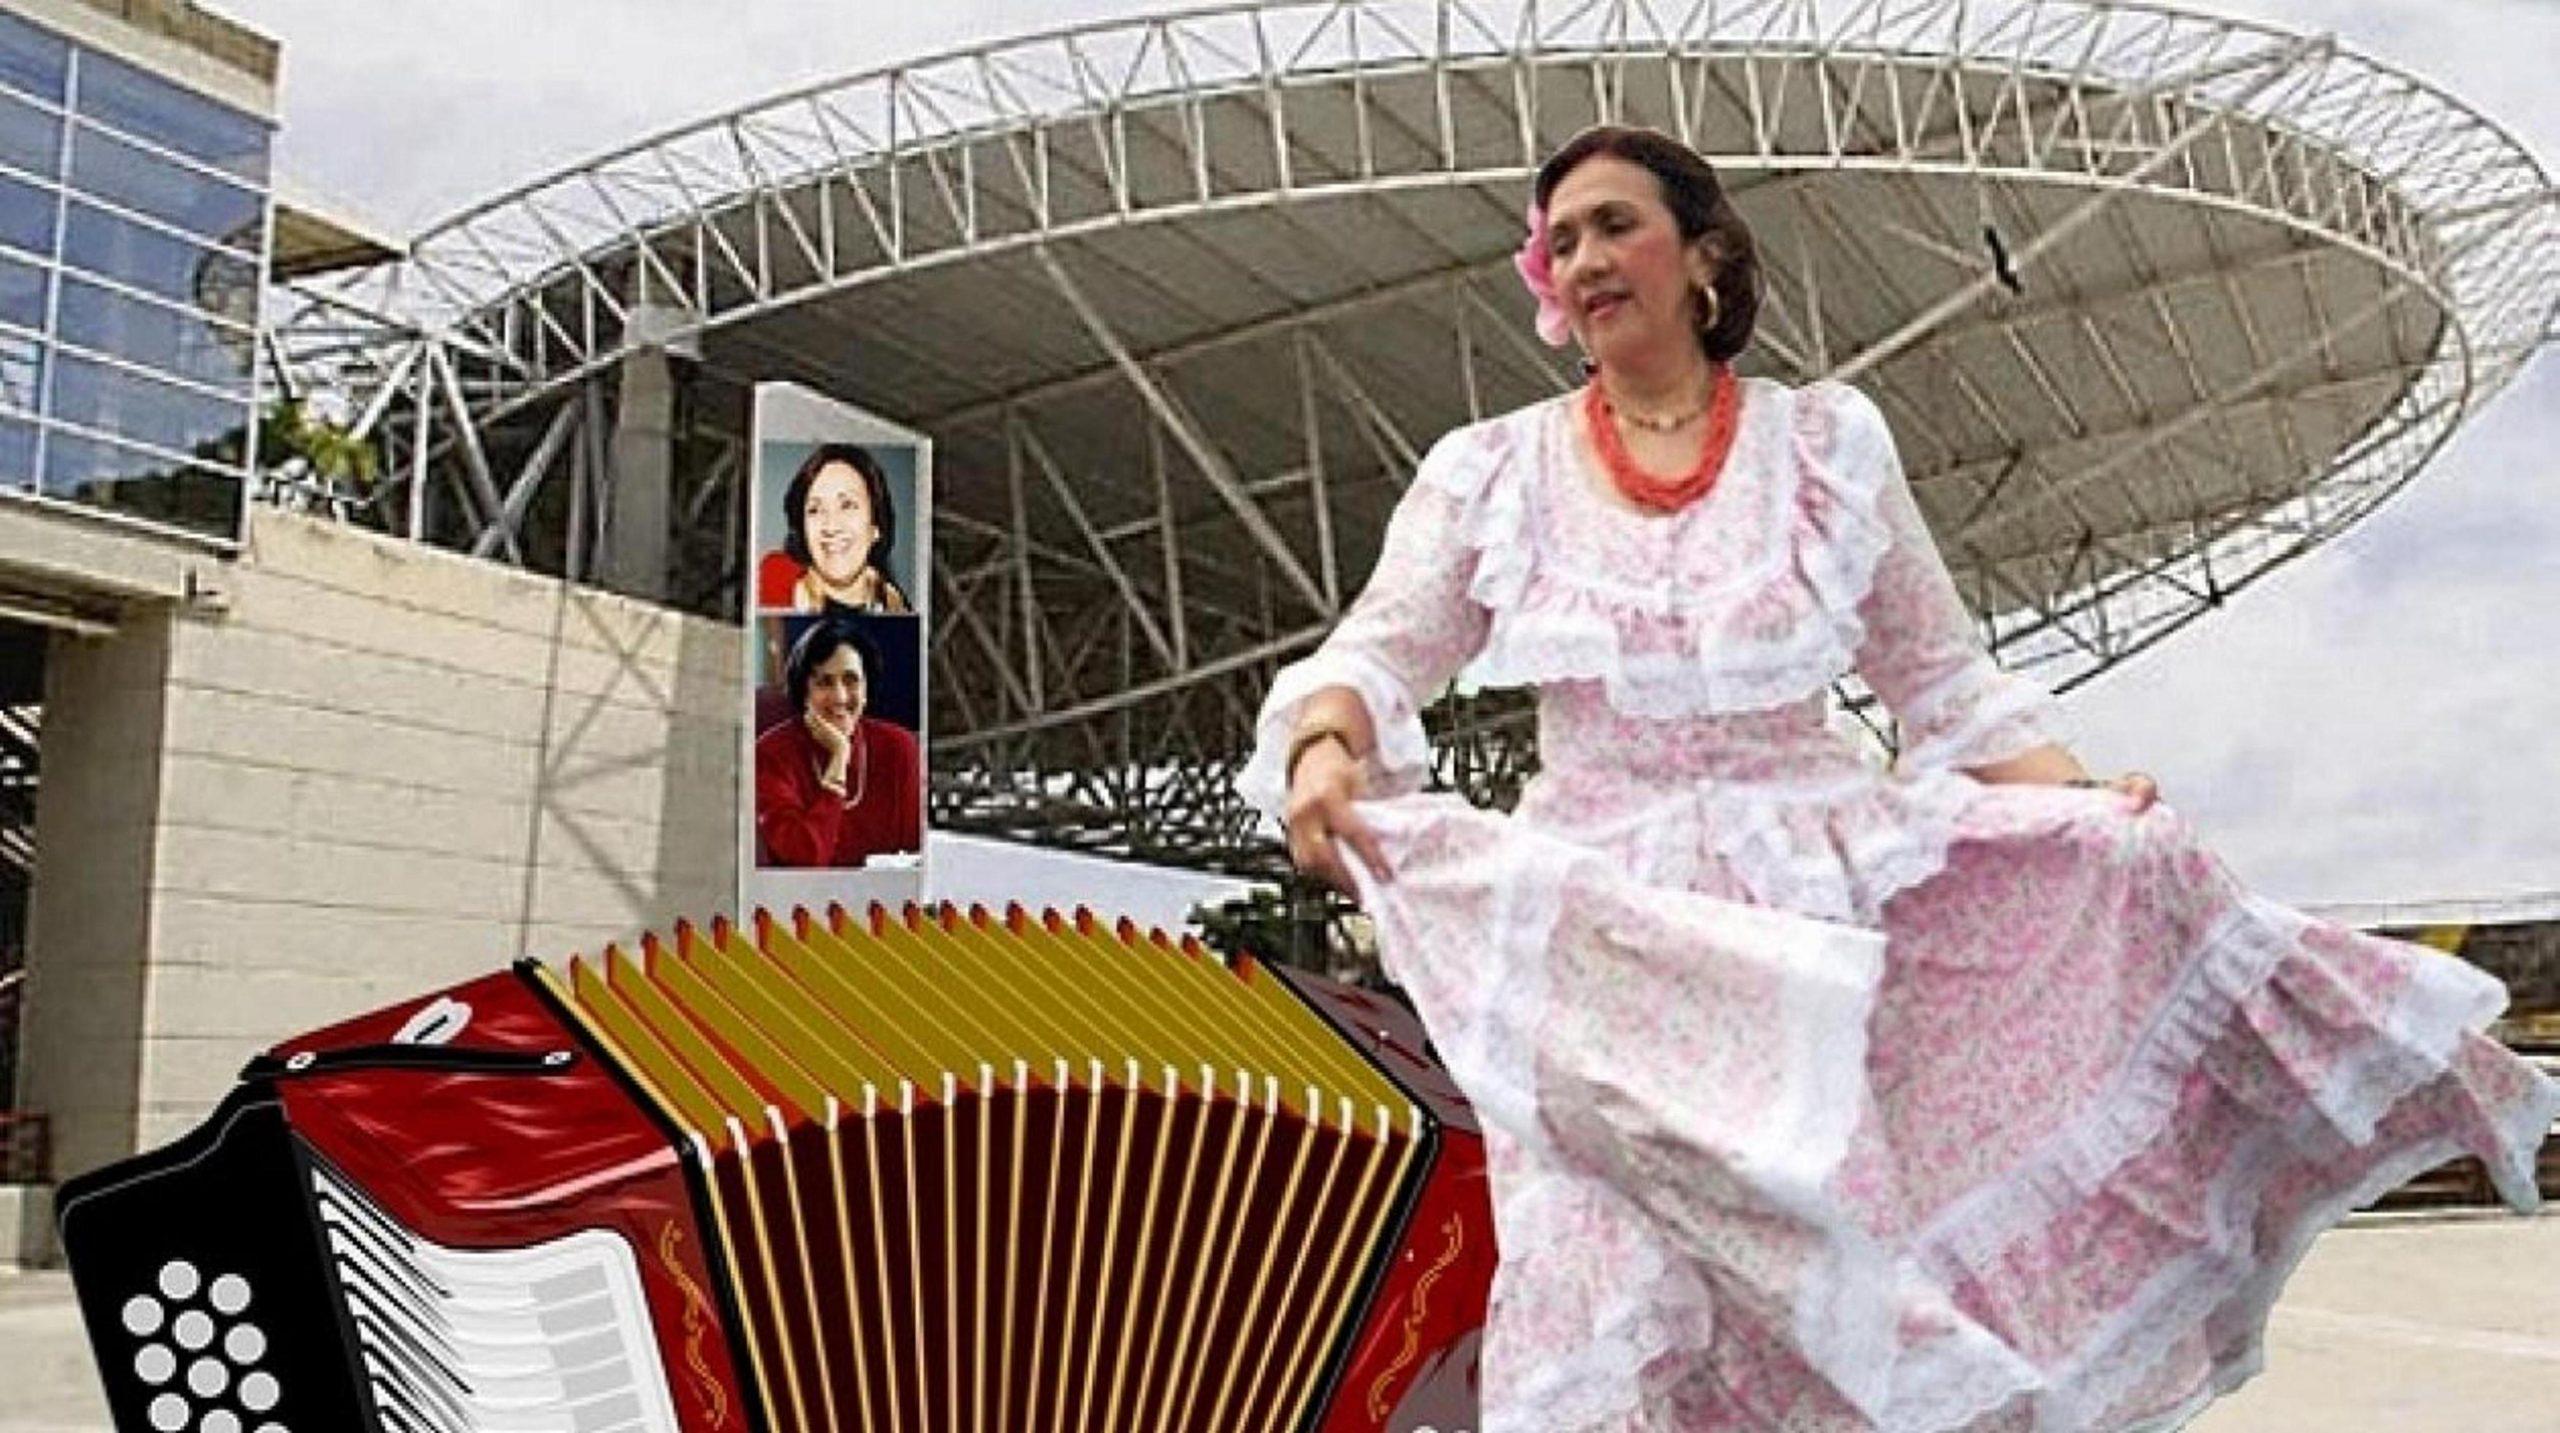 El 1° de agosto, conmemoración del natalicio de Consuelo Araujonoguera  @FESVALLENATO